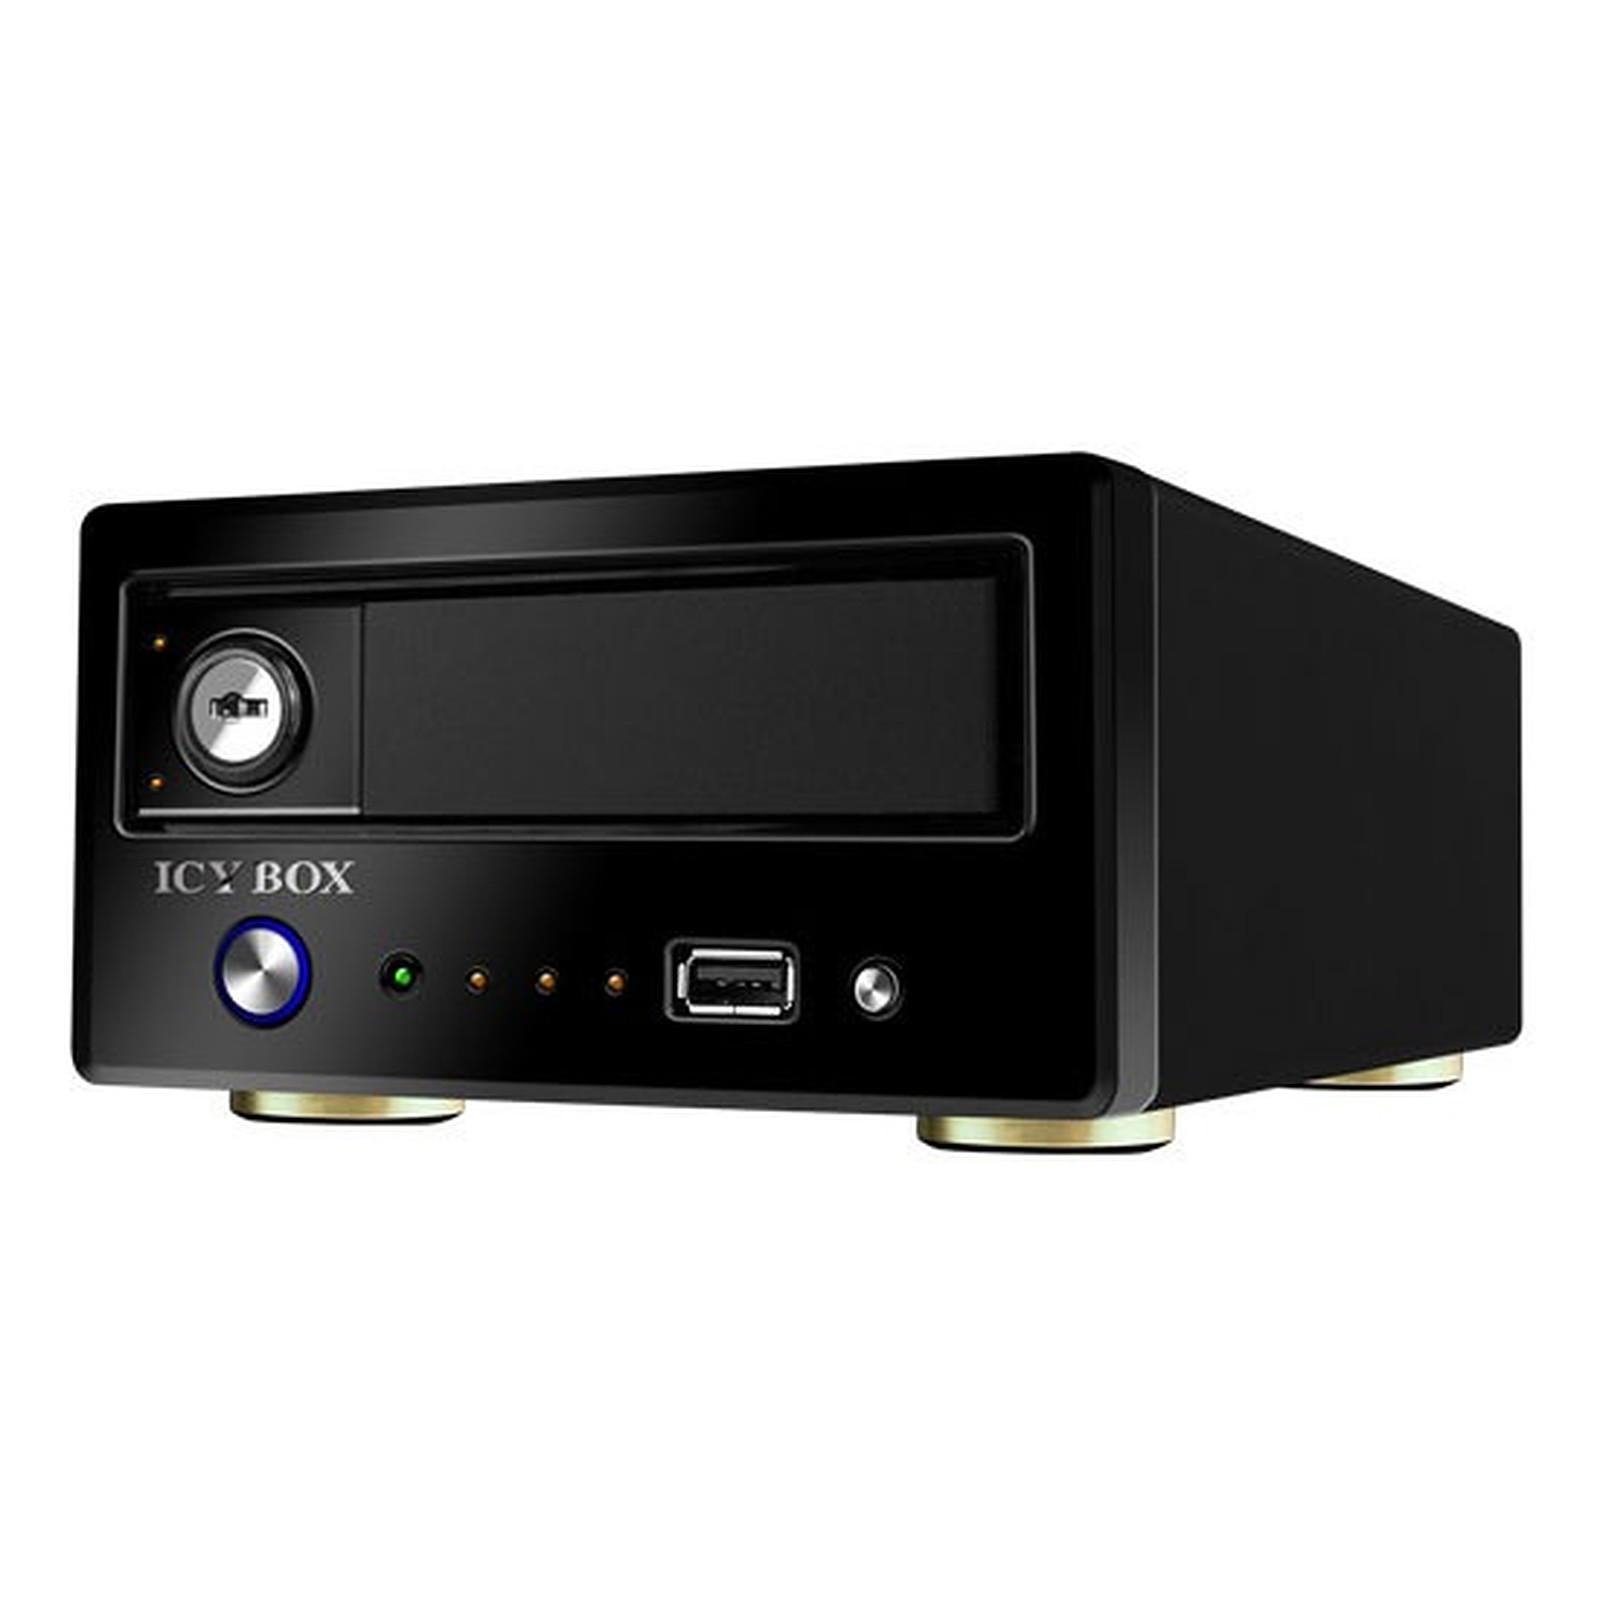 ICY BOX IB-NAS6210